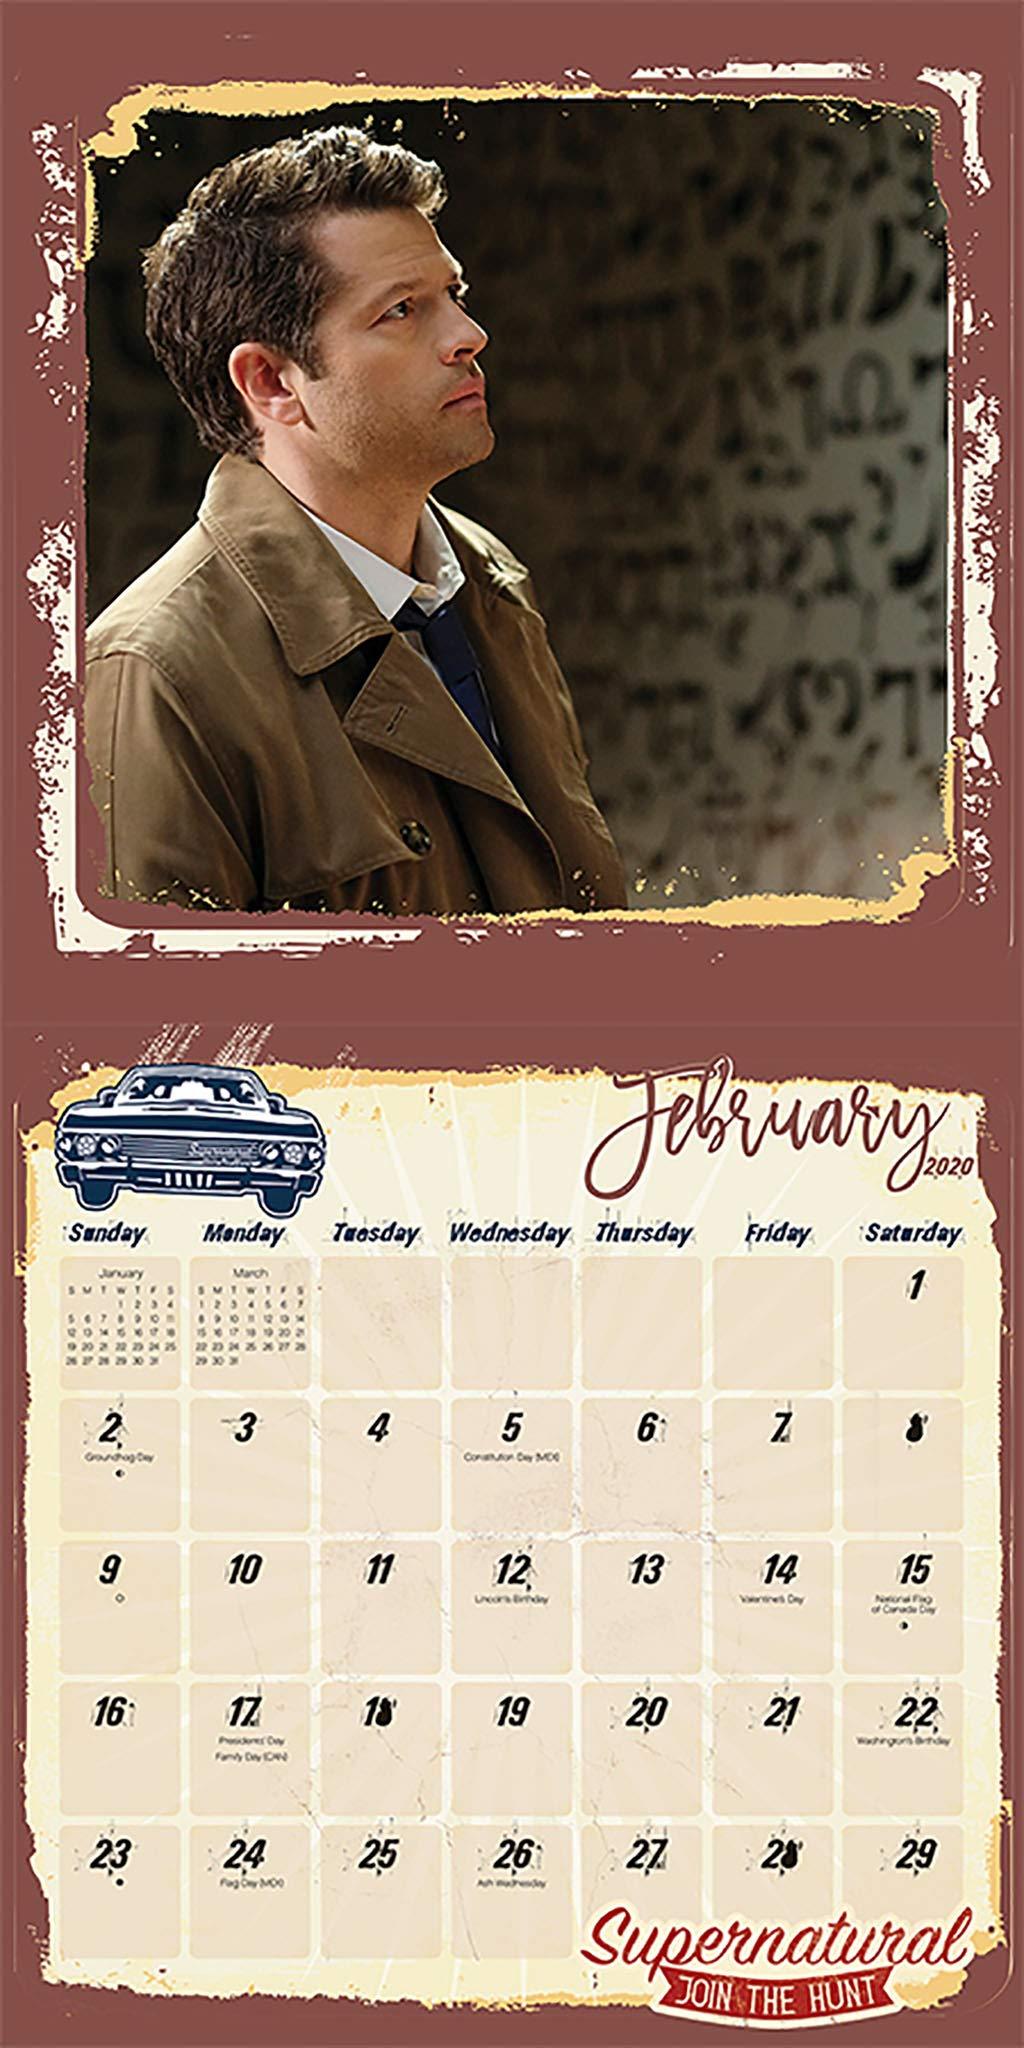 Supernatural Calendar 2020 Supernatural 2020 Wall Calendar: Trends International